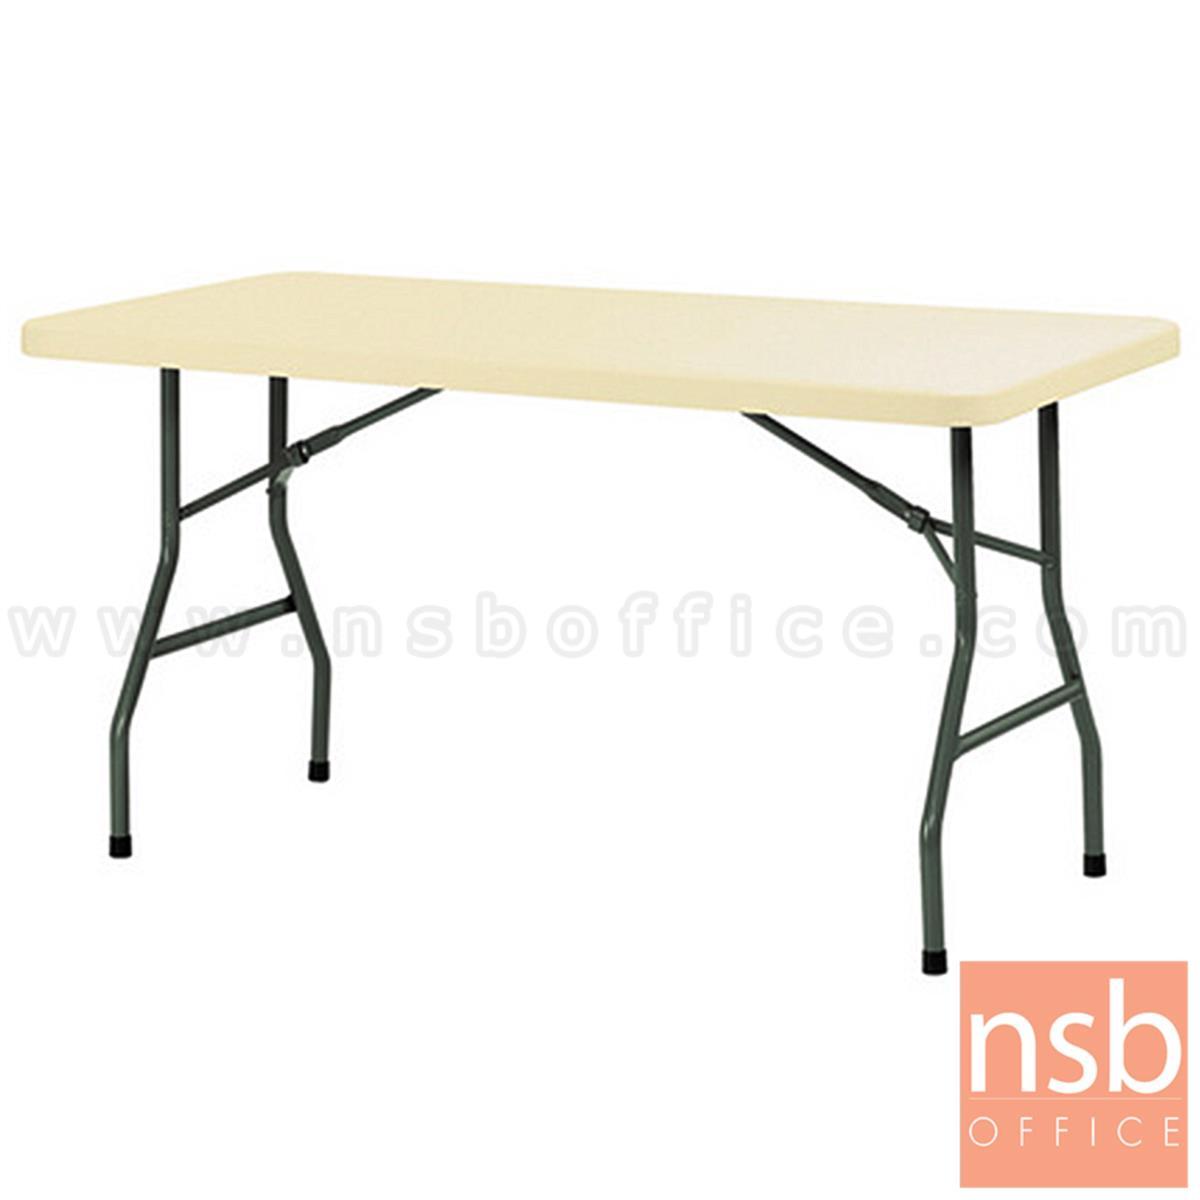 A19A037:โต๊ะพับหน้าพลาสติก รุ่น Newgate (นิวเกต) ขนาด 152W ,182W cm. โครงเหล็ก